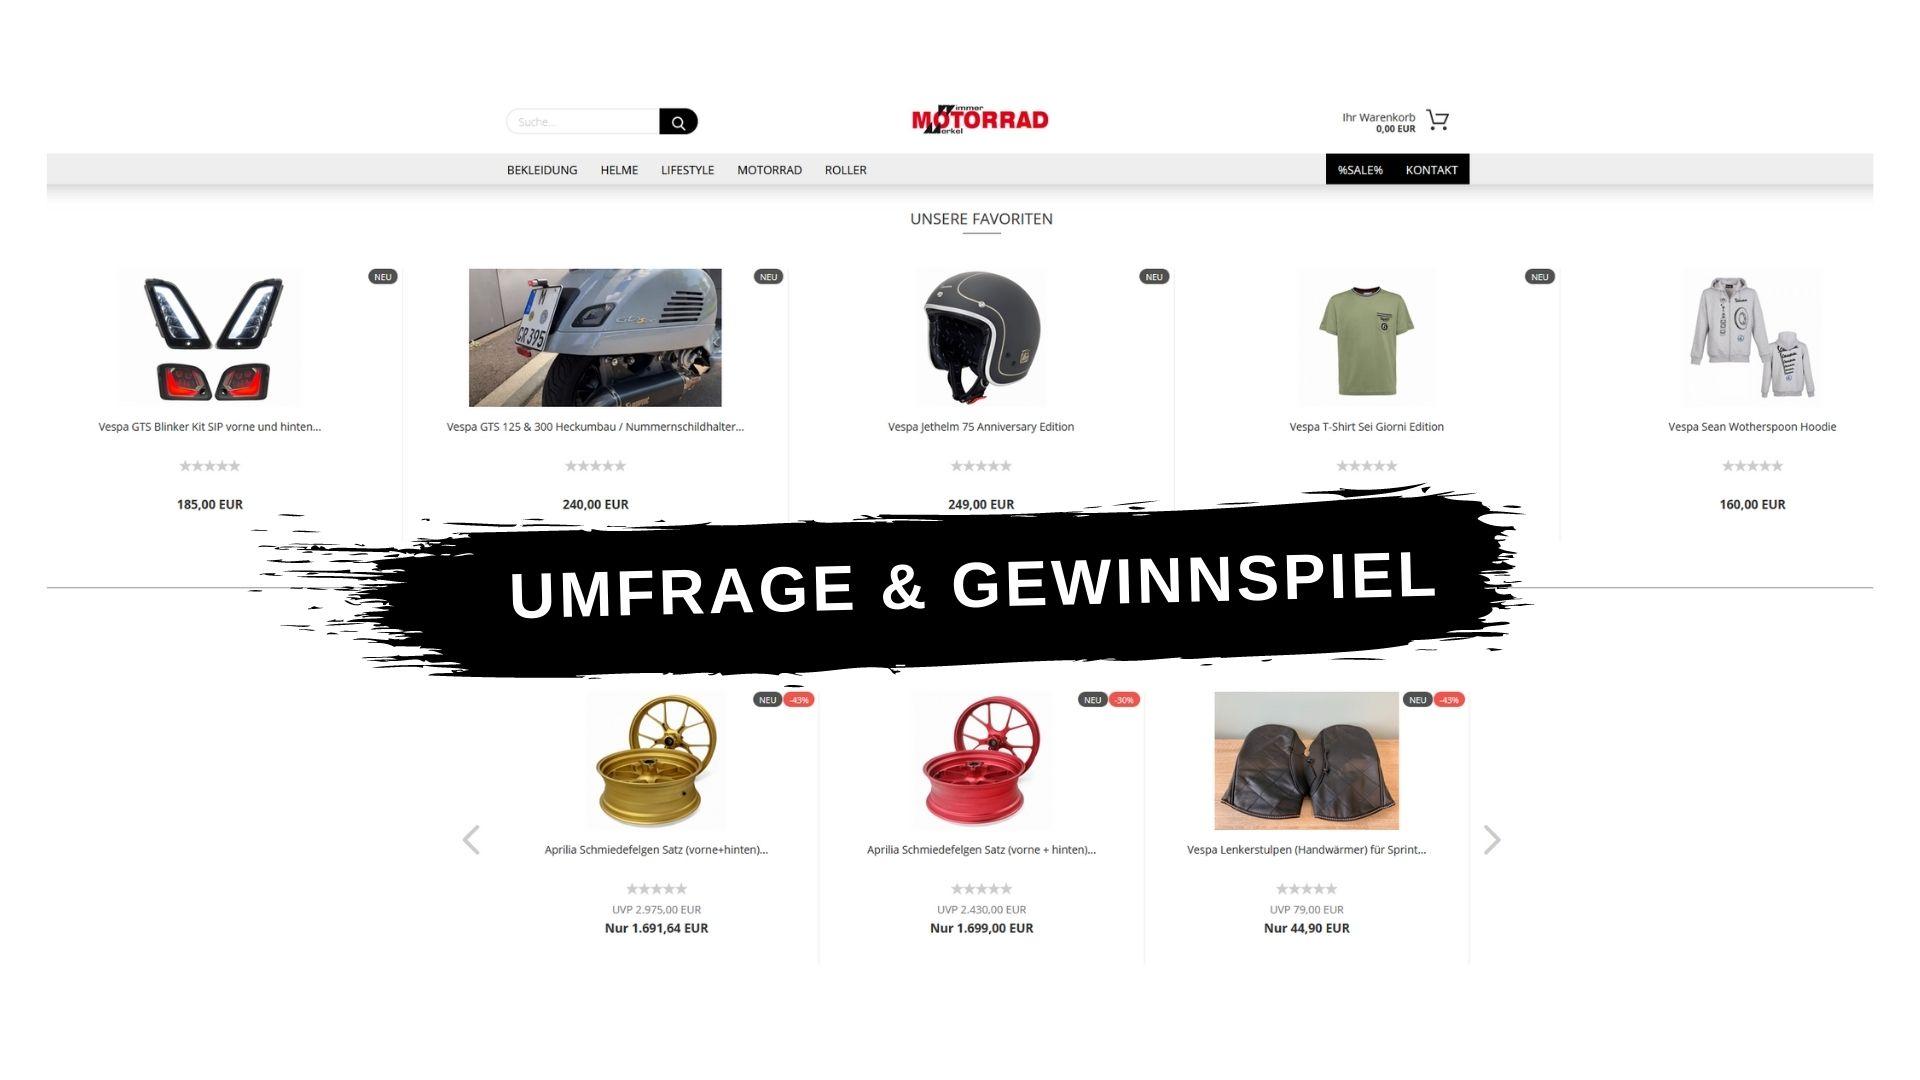 Gewinnspiel und Umfrage zum Online-Shop